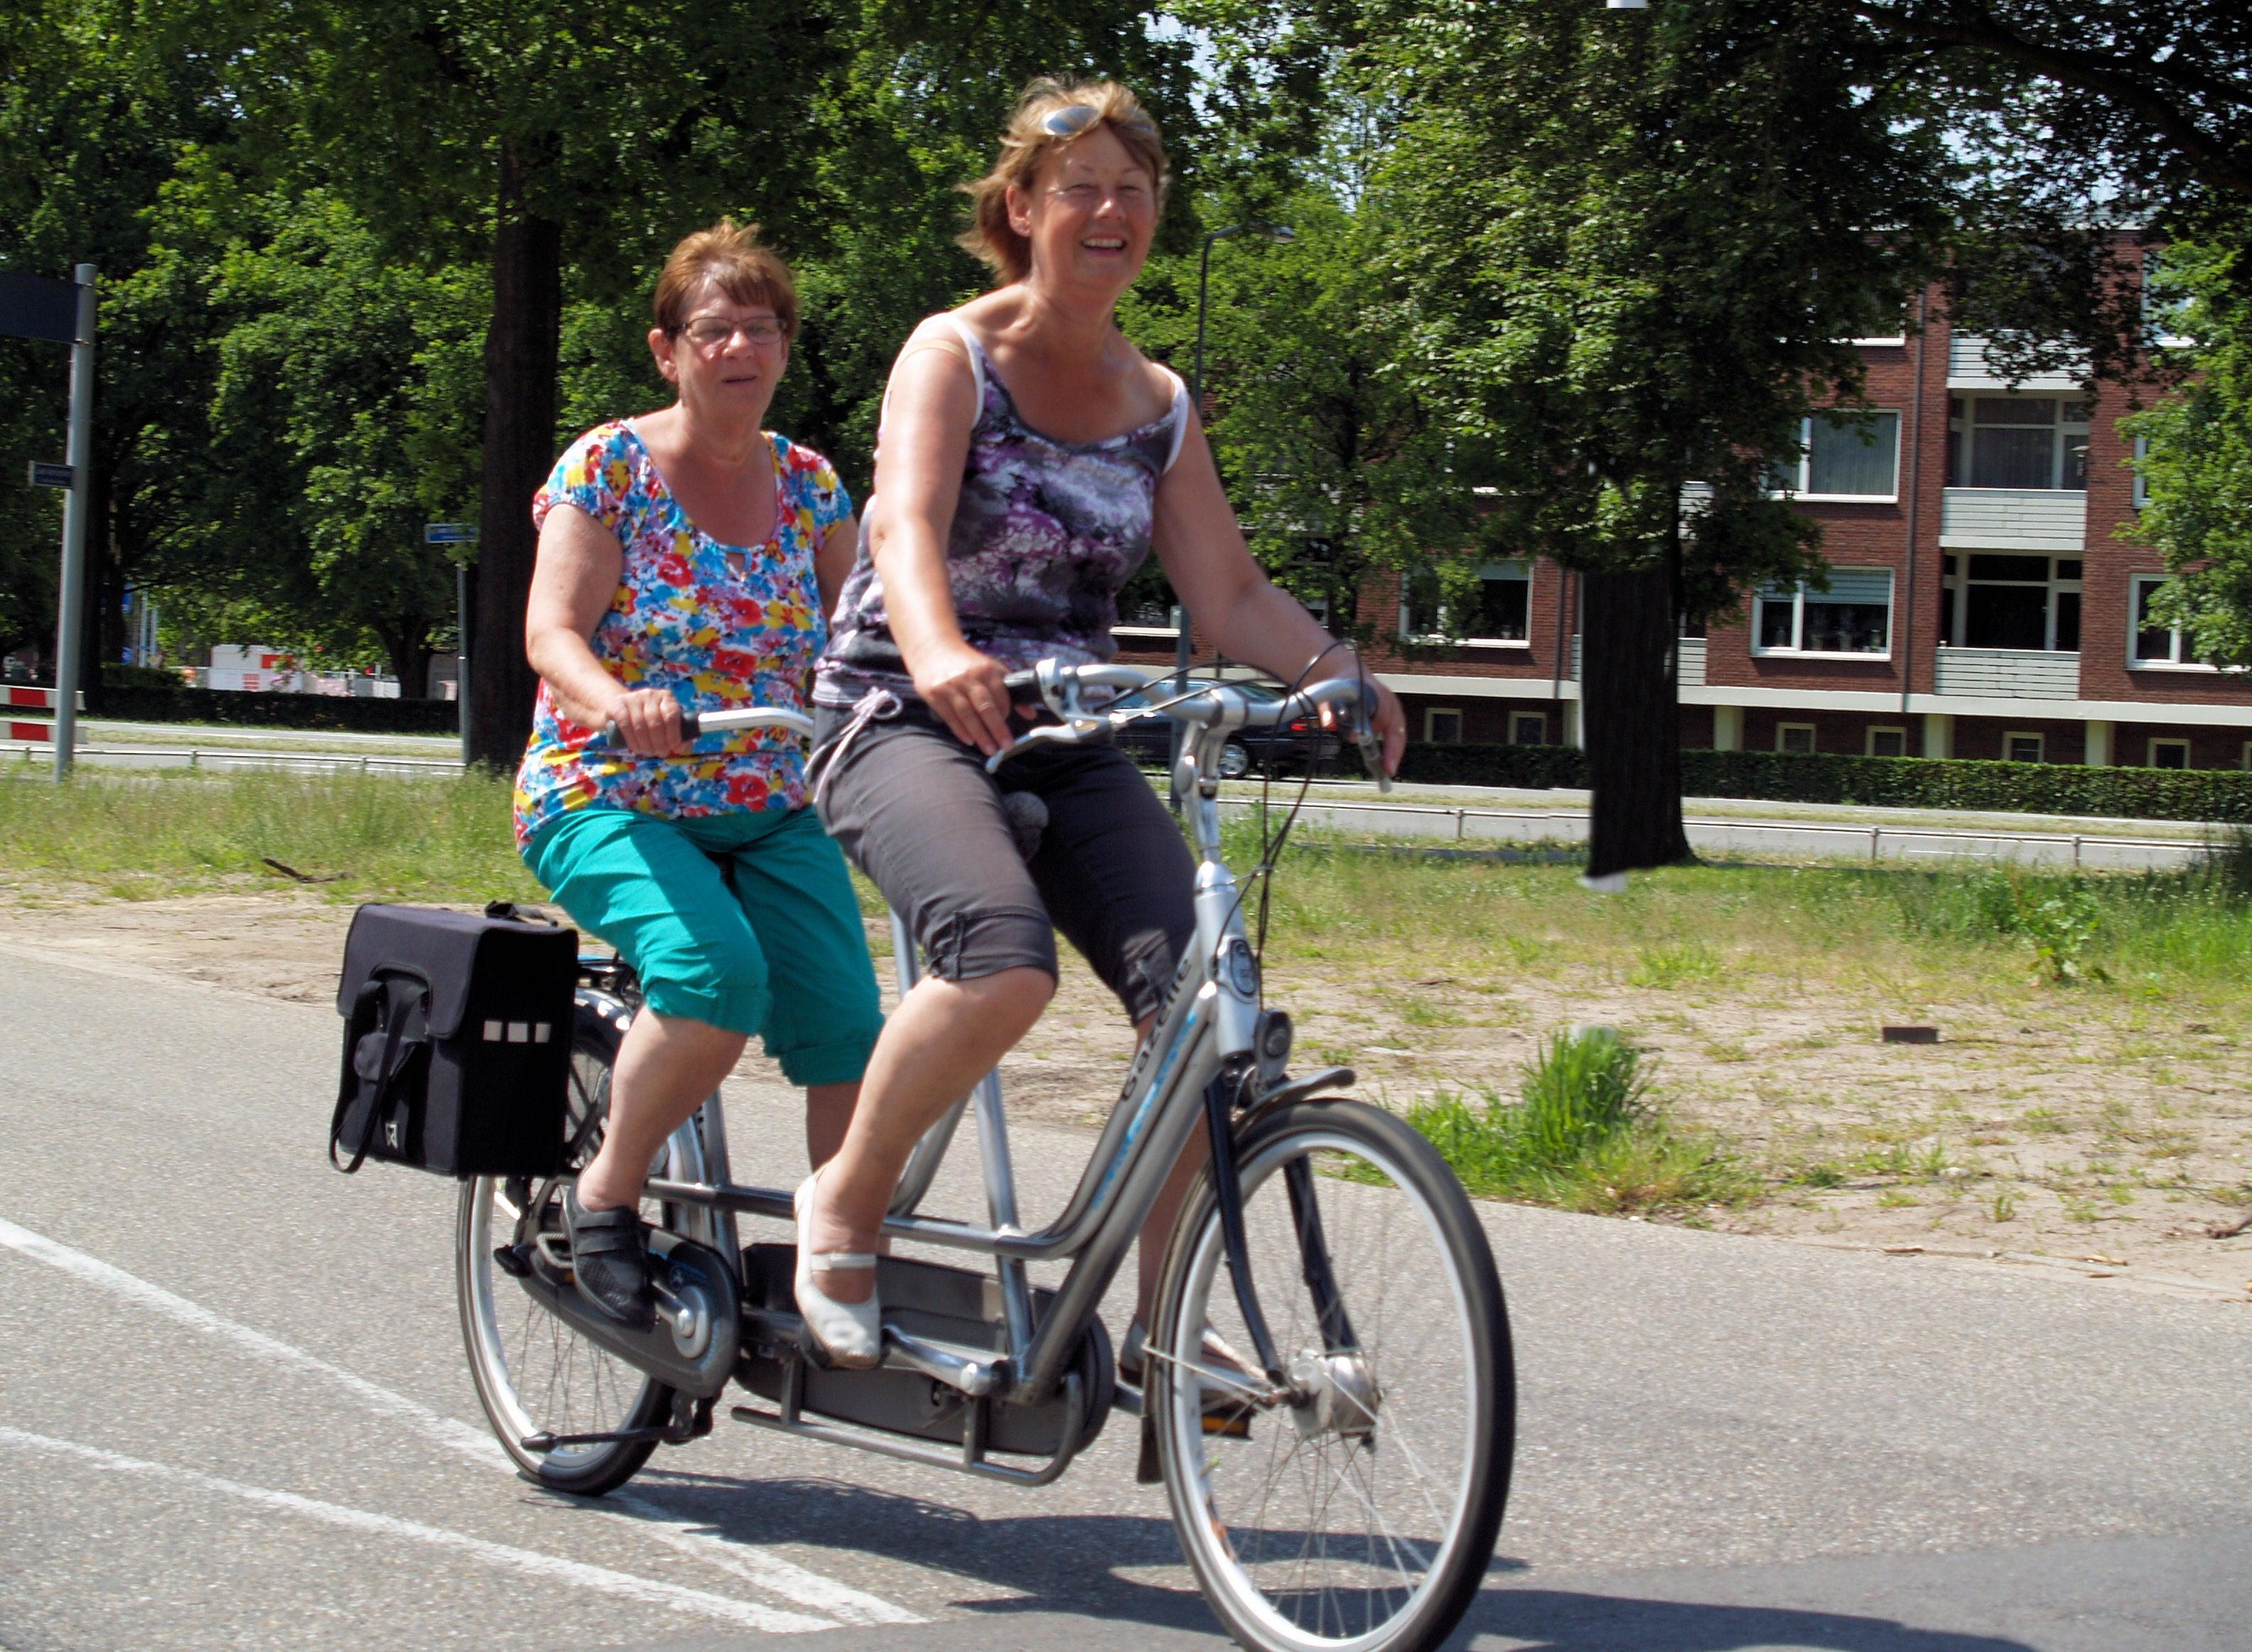 Twee dames fietsen lachend op de tandem langs bomen en huizen.